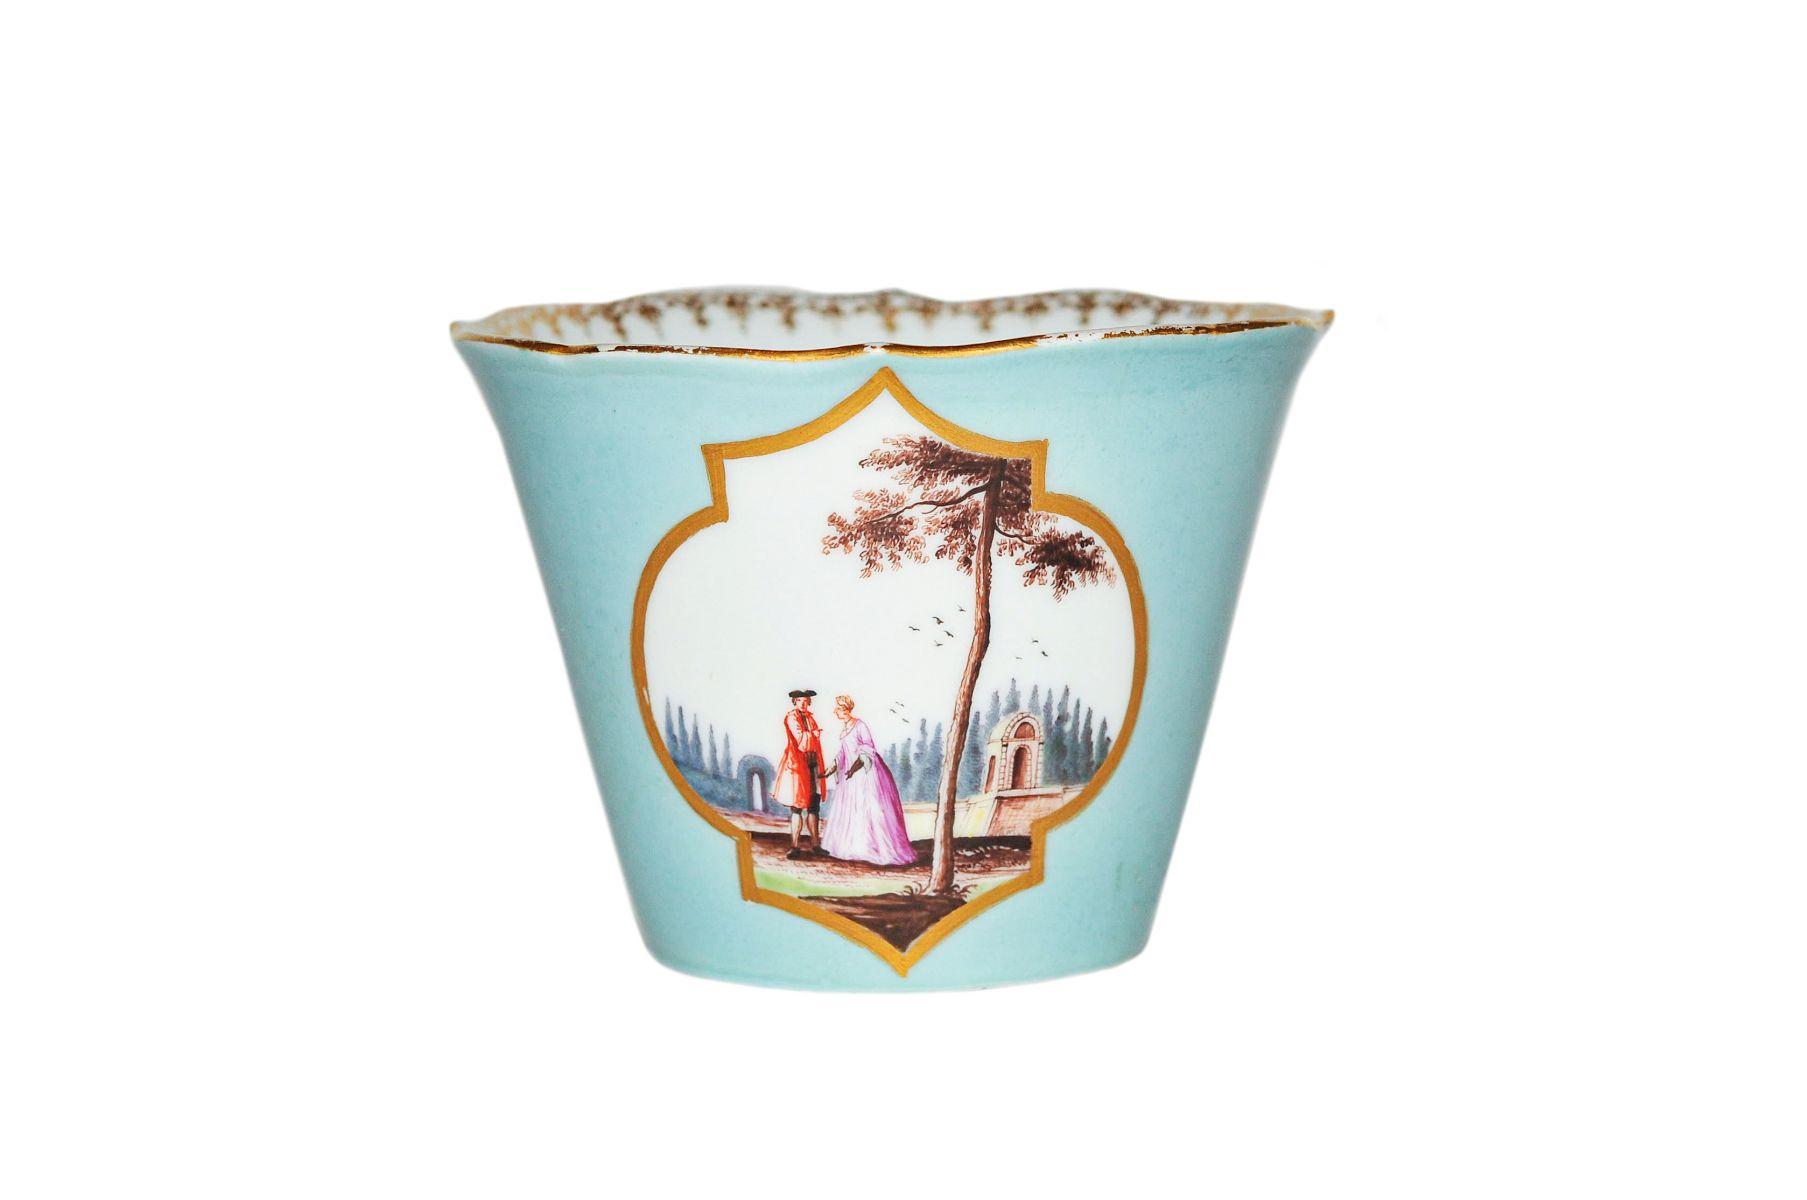 #68 Decorative cup with watteau scenes | Zierbecher mit Watteauszenen Image